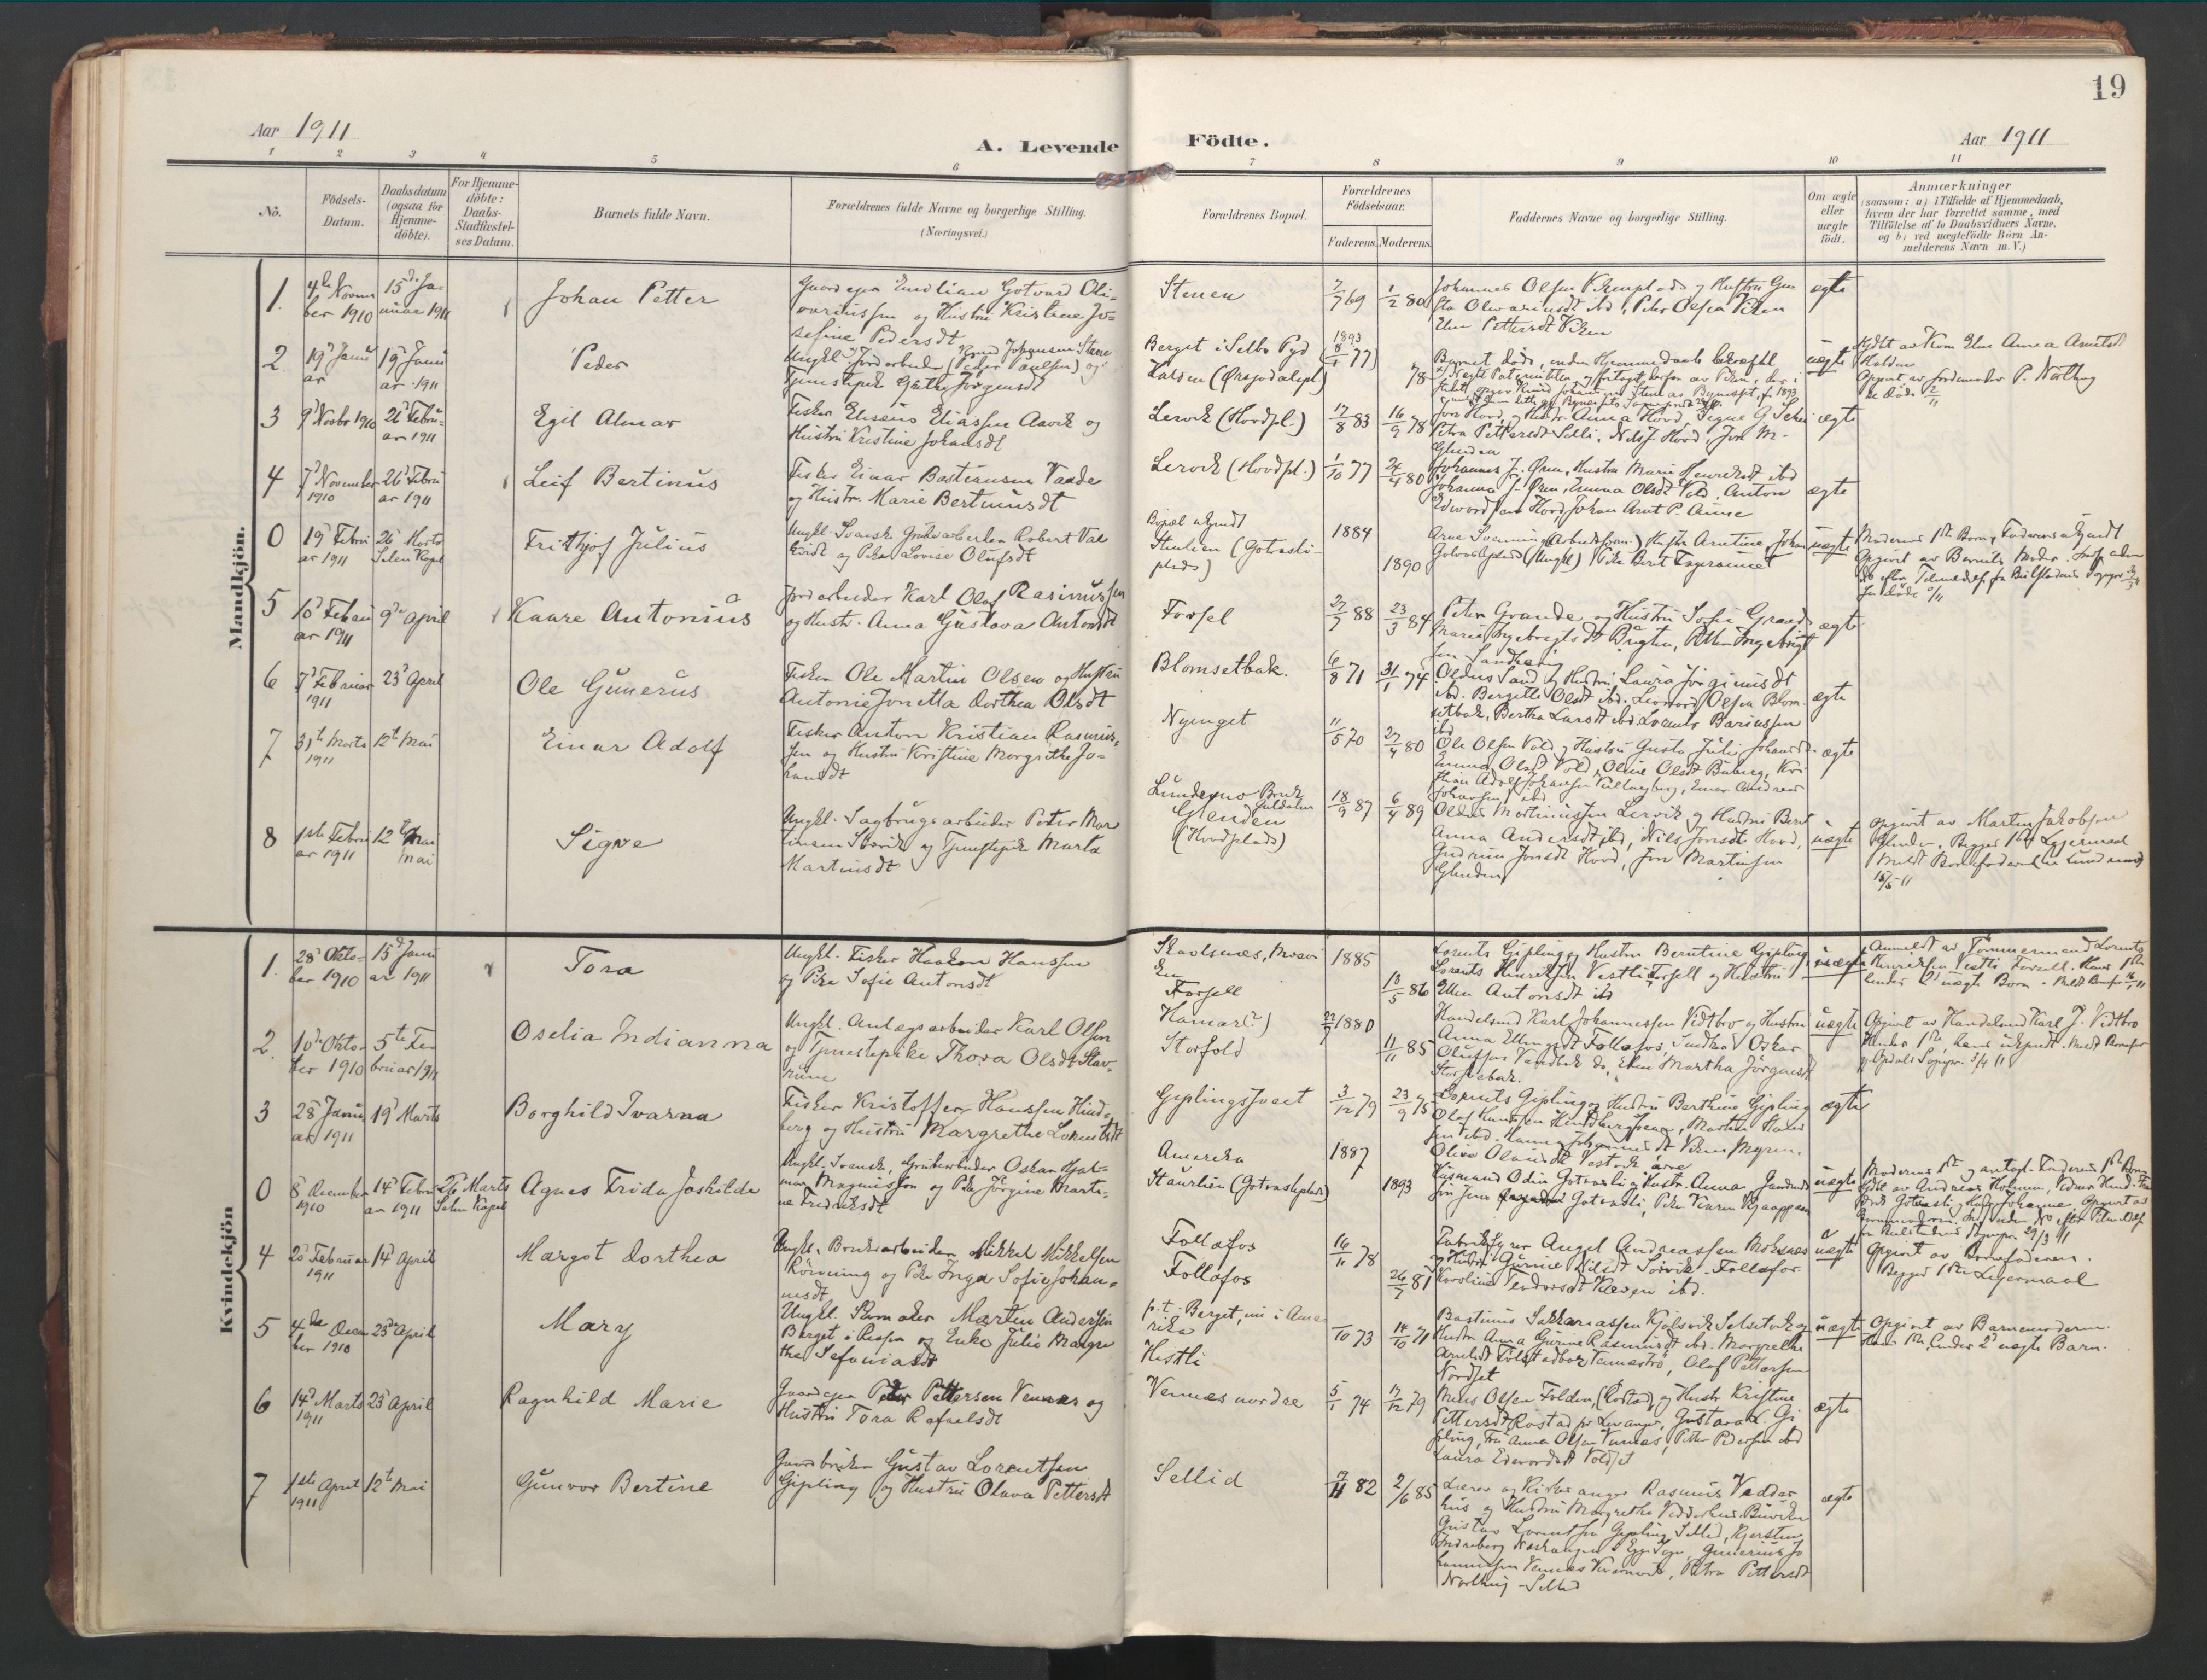 SAT, Ministerialprotokoller, klokkerbøker og fødselsregistre - Nord-Trøndelag, 744/L0421: Ministerialbok nr. 744A05, 1905-1930, s. 19